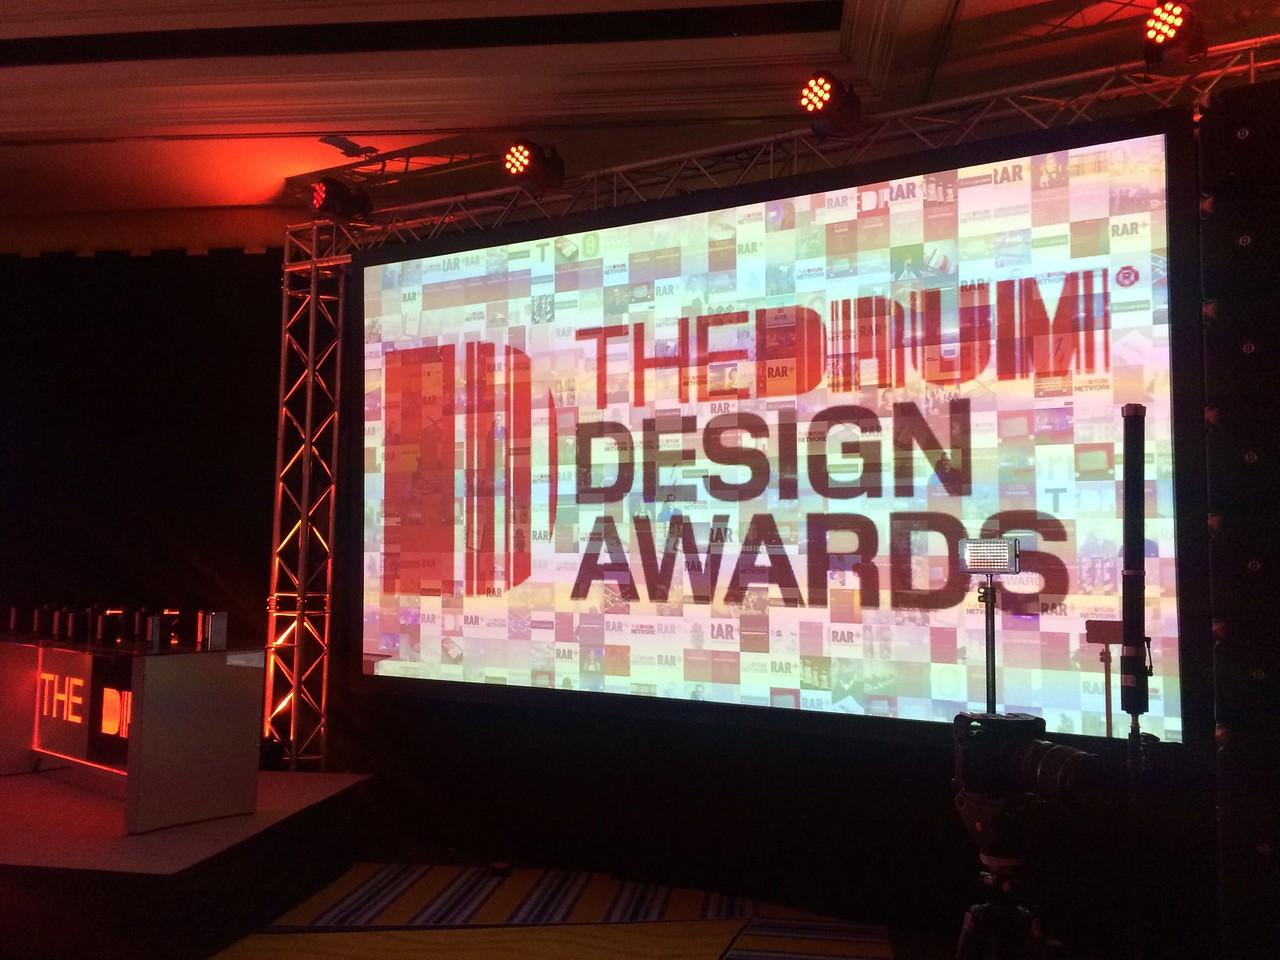 The Drum Design Awards